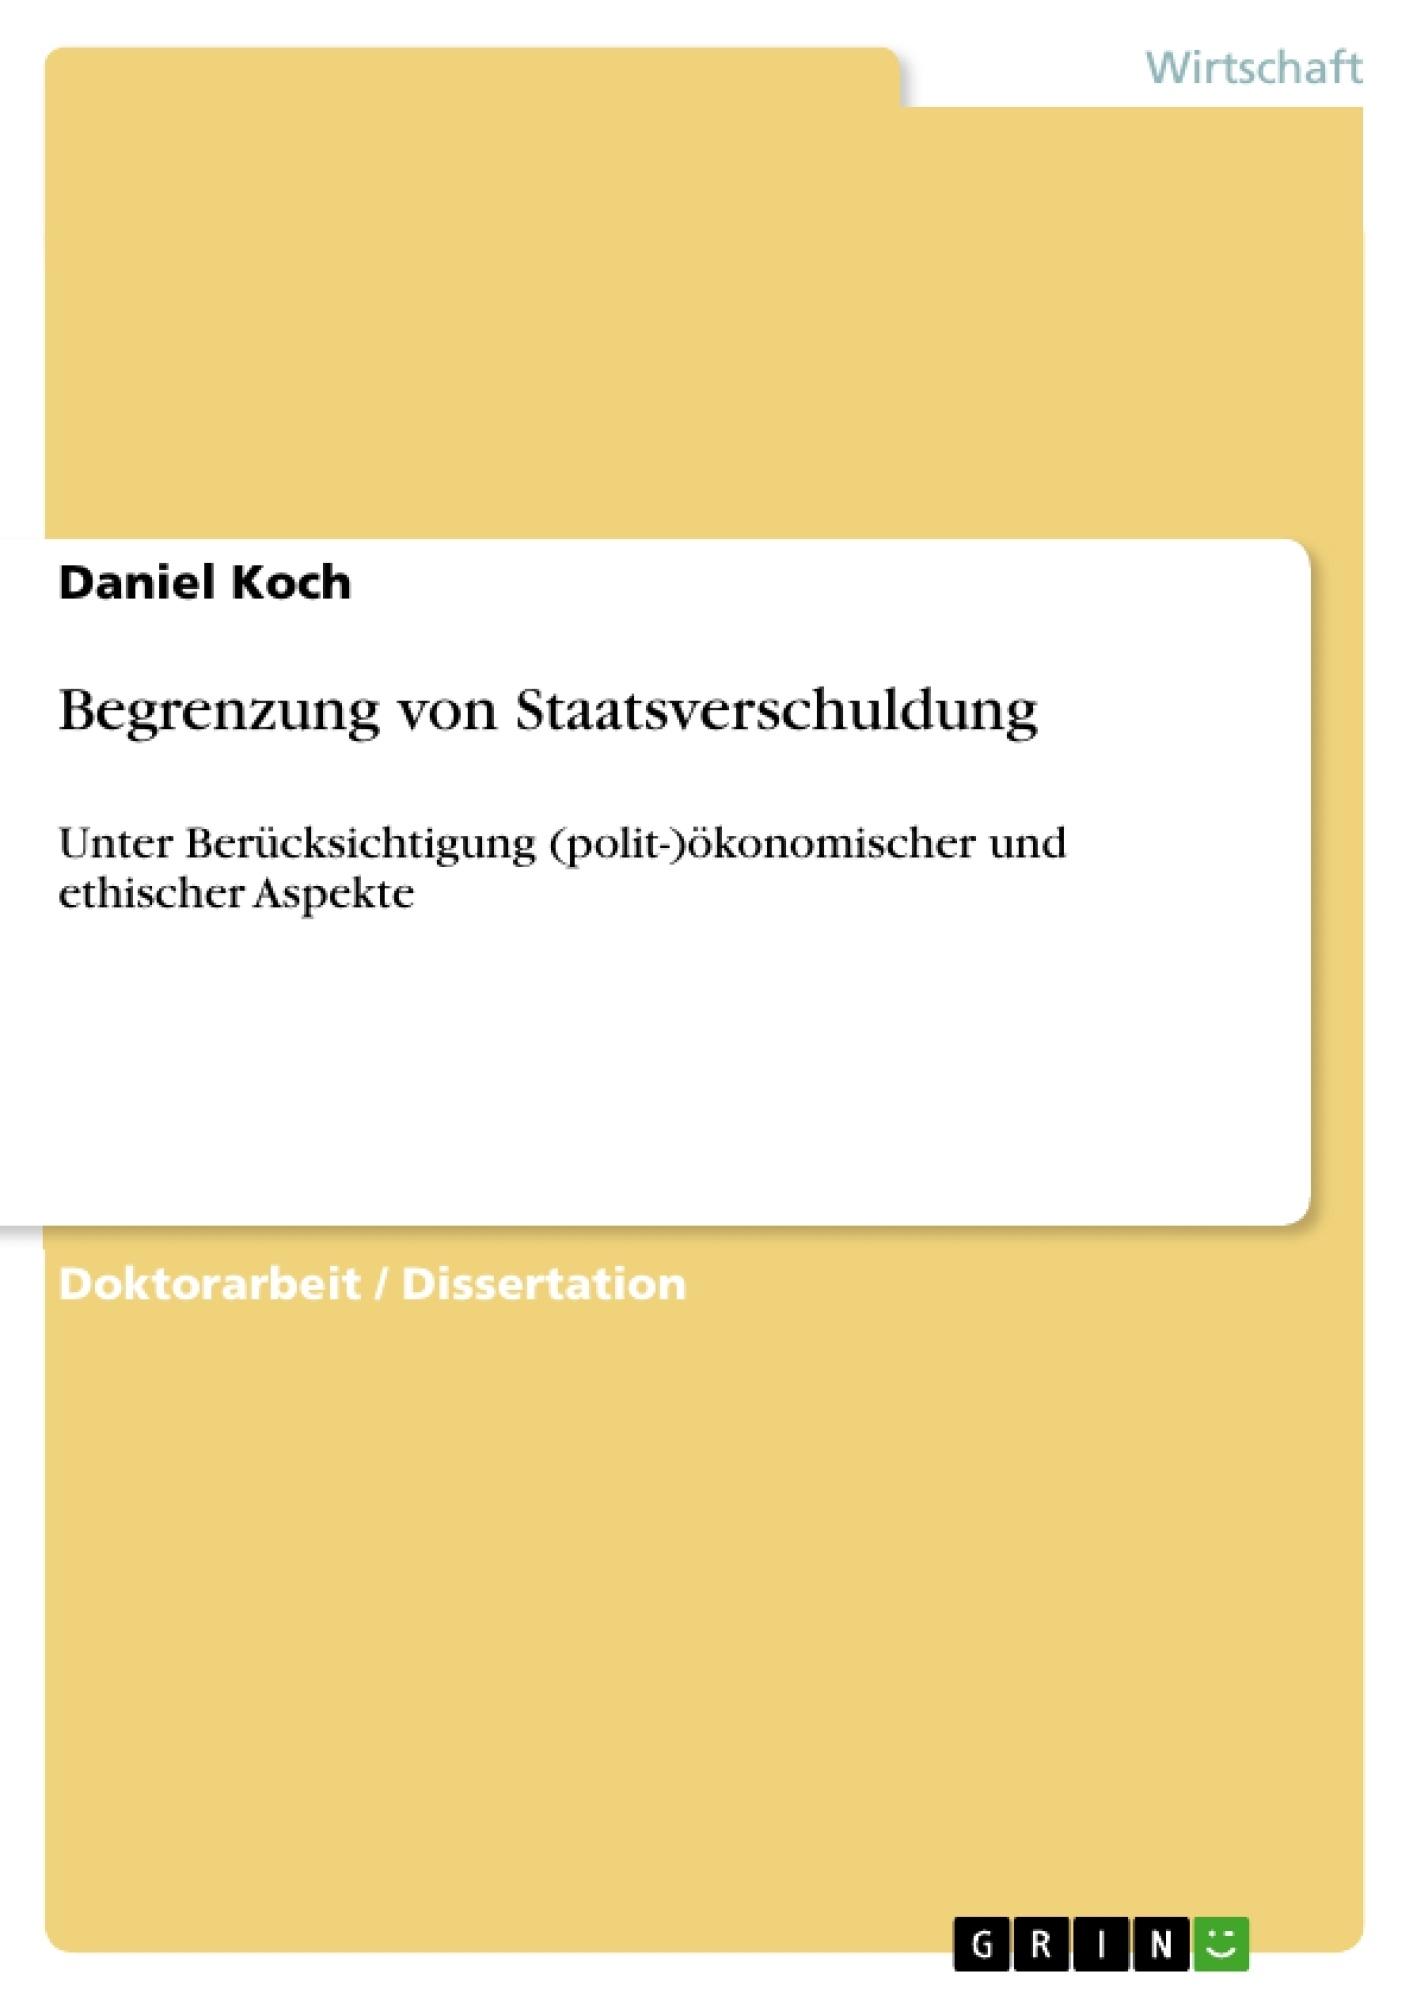 Titel: Begrenzung von Staatsverschuldung